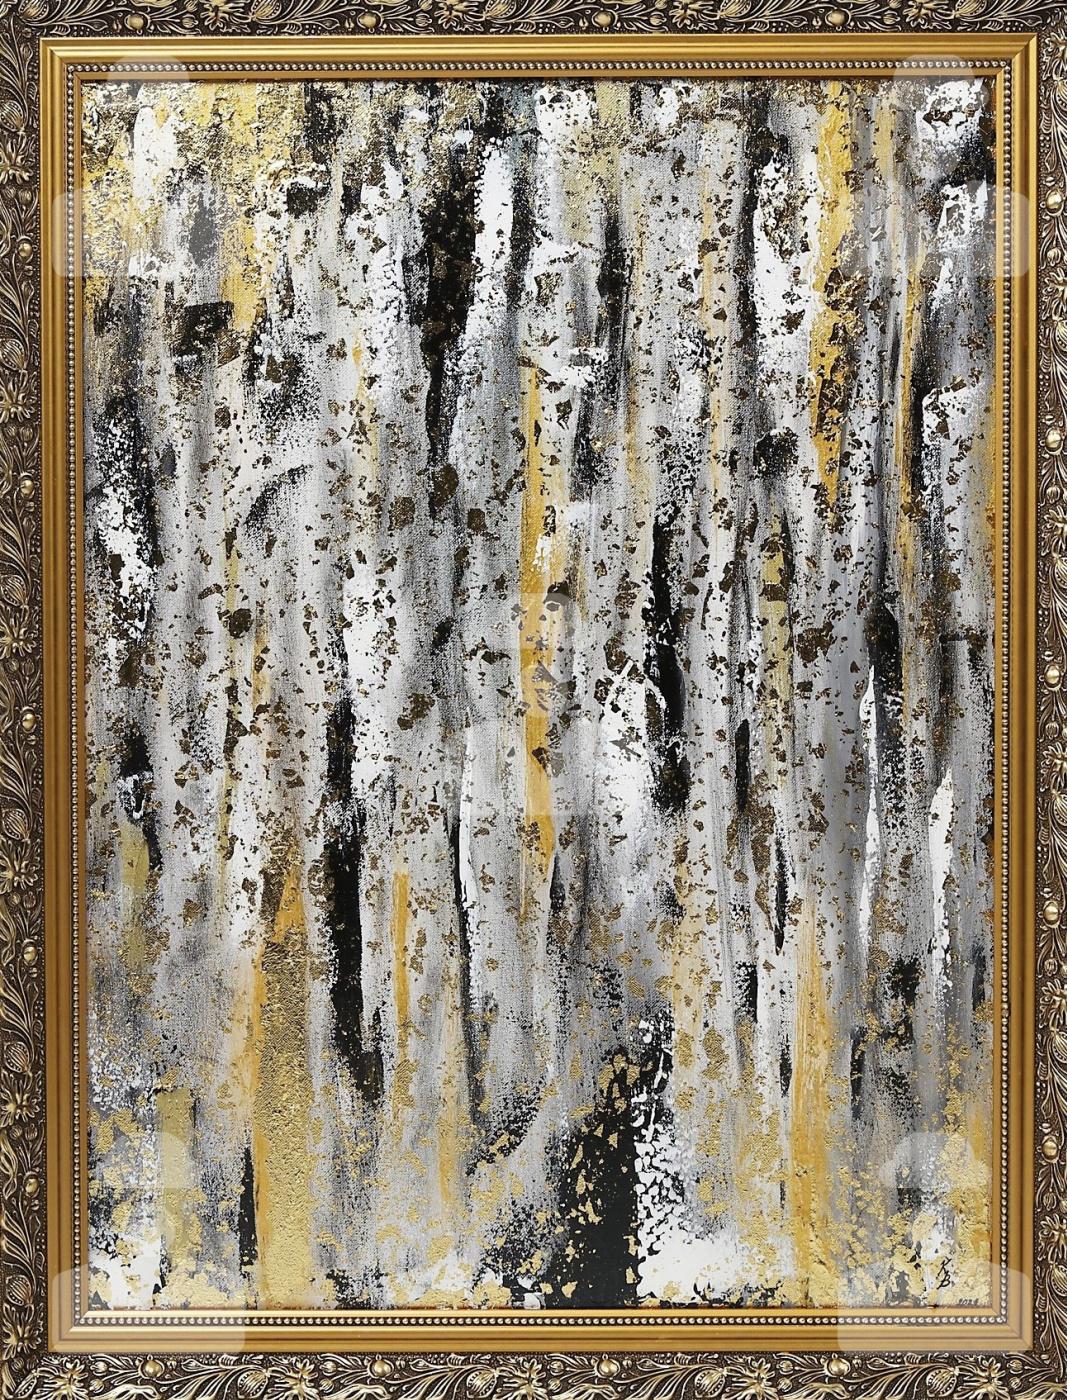 Kristina Belle. Golden Waterfall